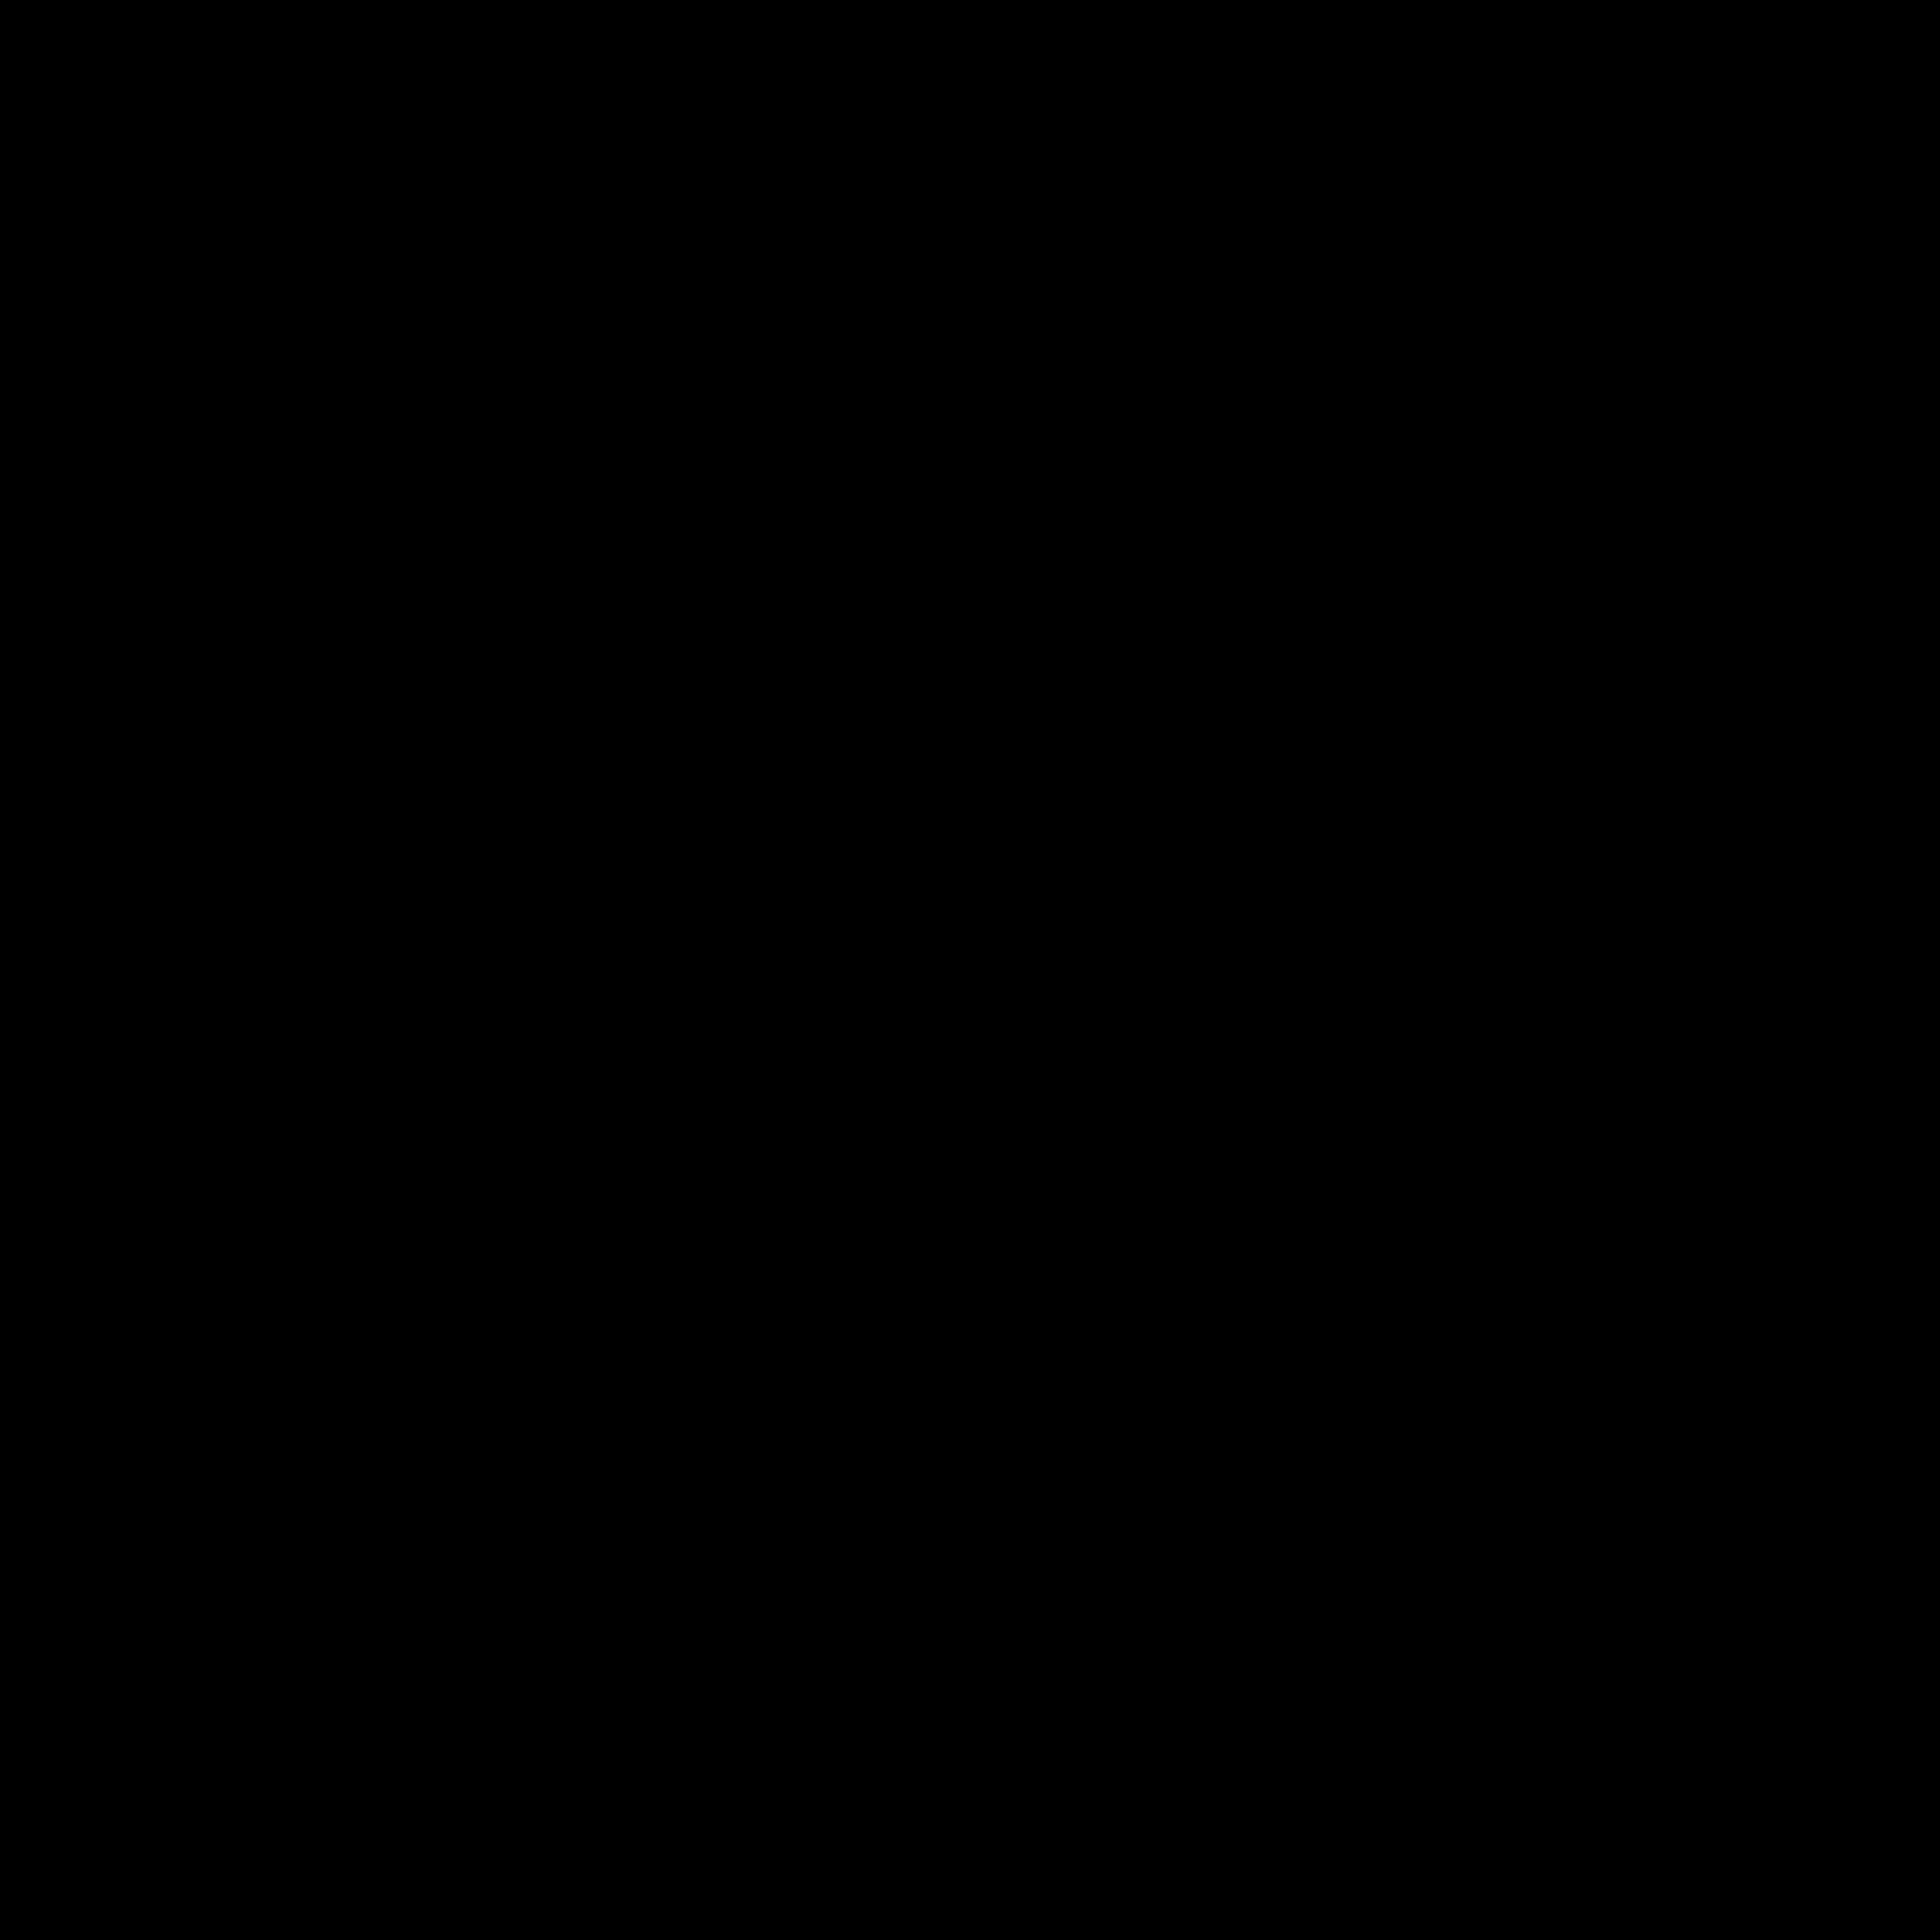 KeepLead